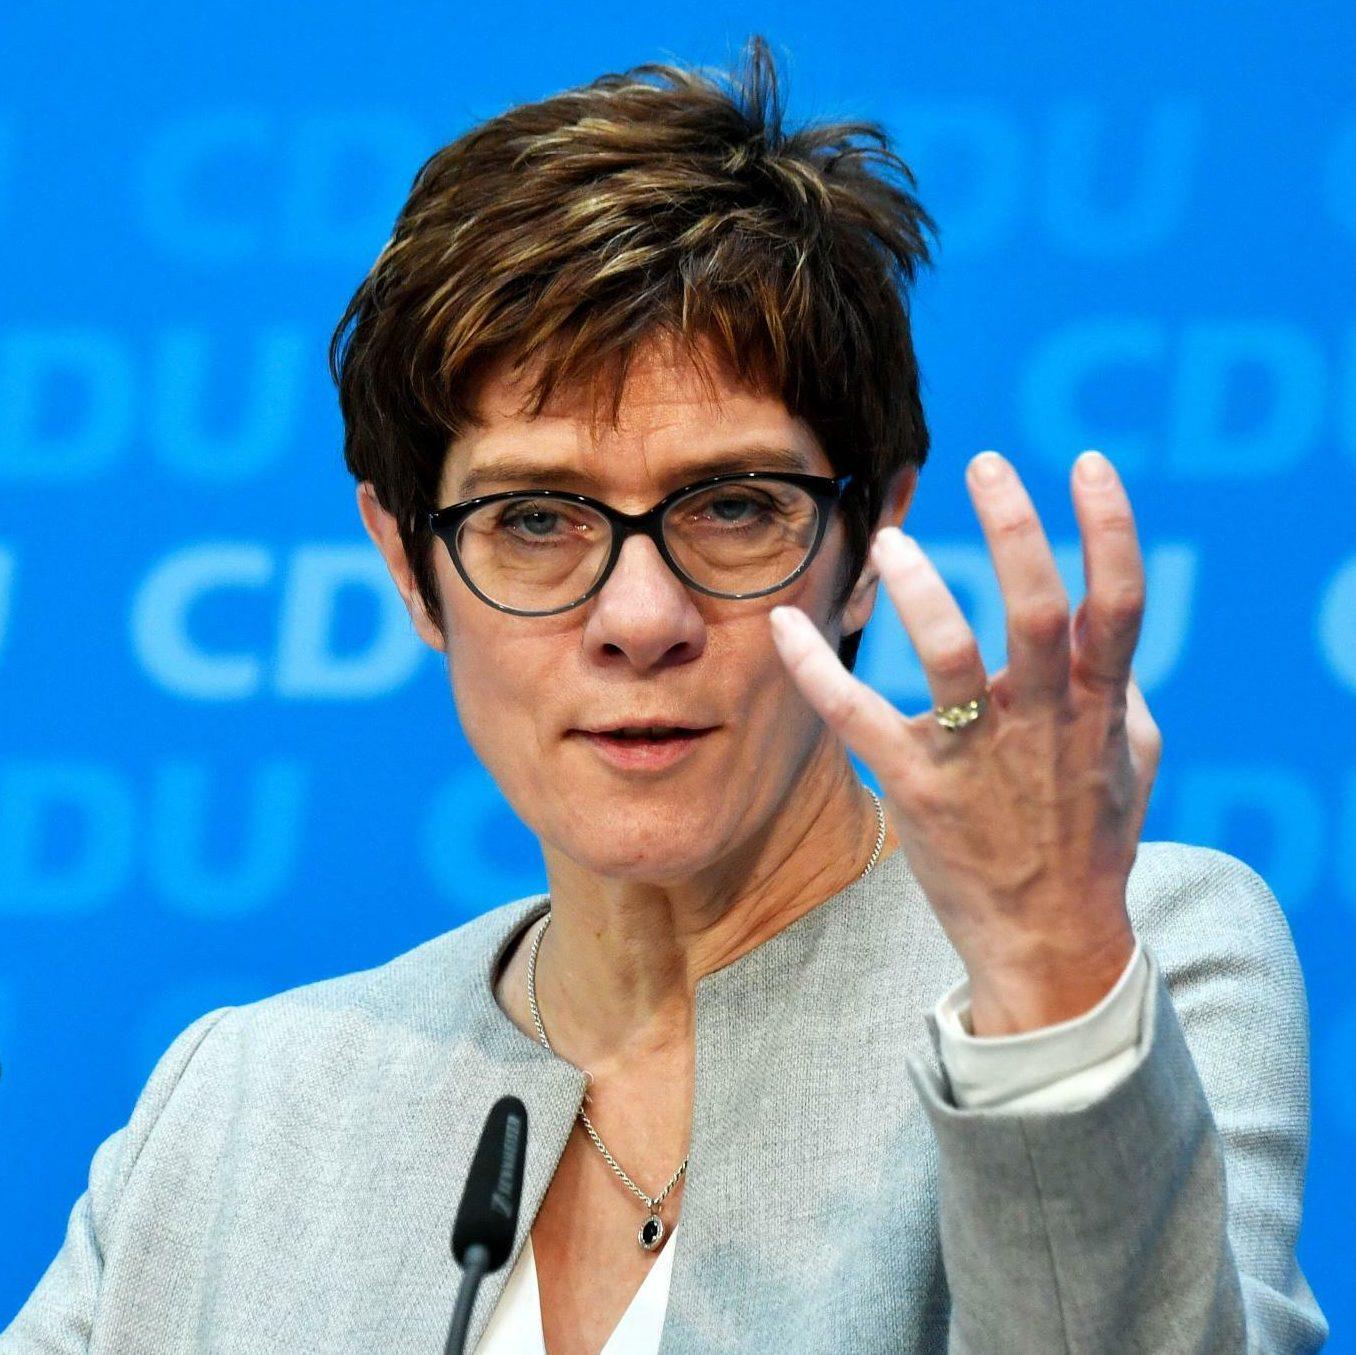 """Alemanha reage ao pleito nos EUA e diz que situação é """"explosiva"""""""